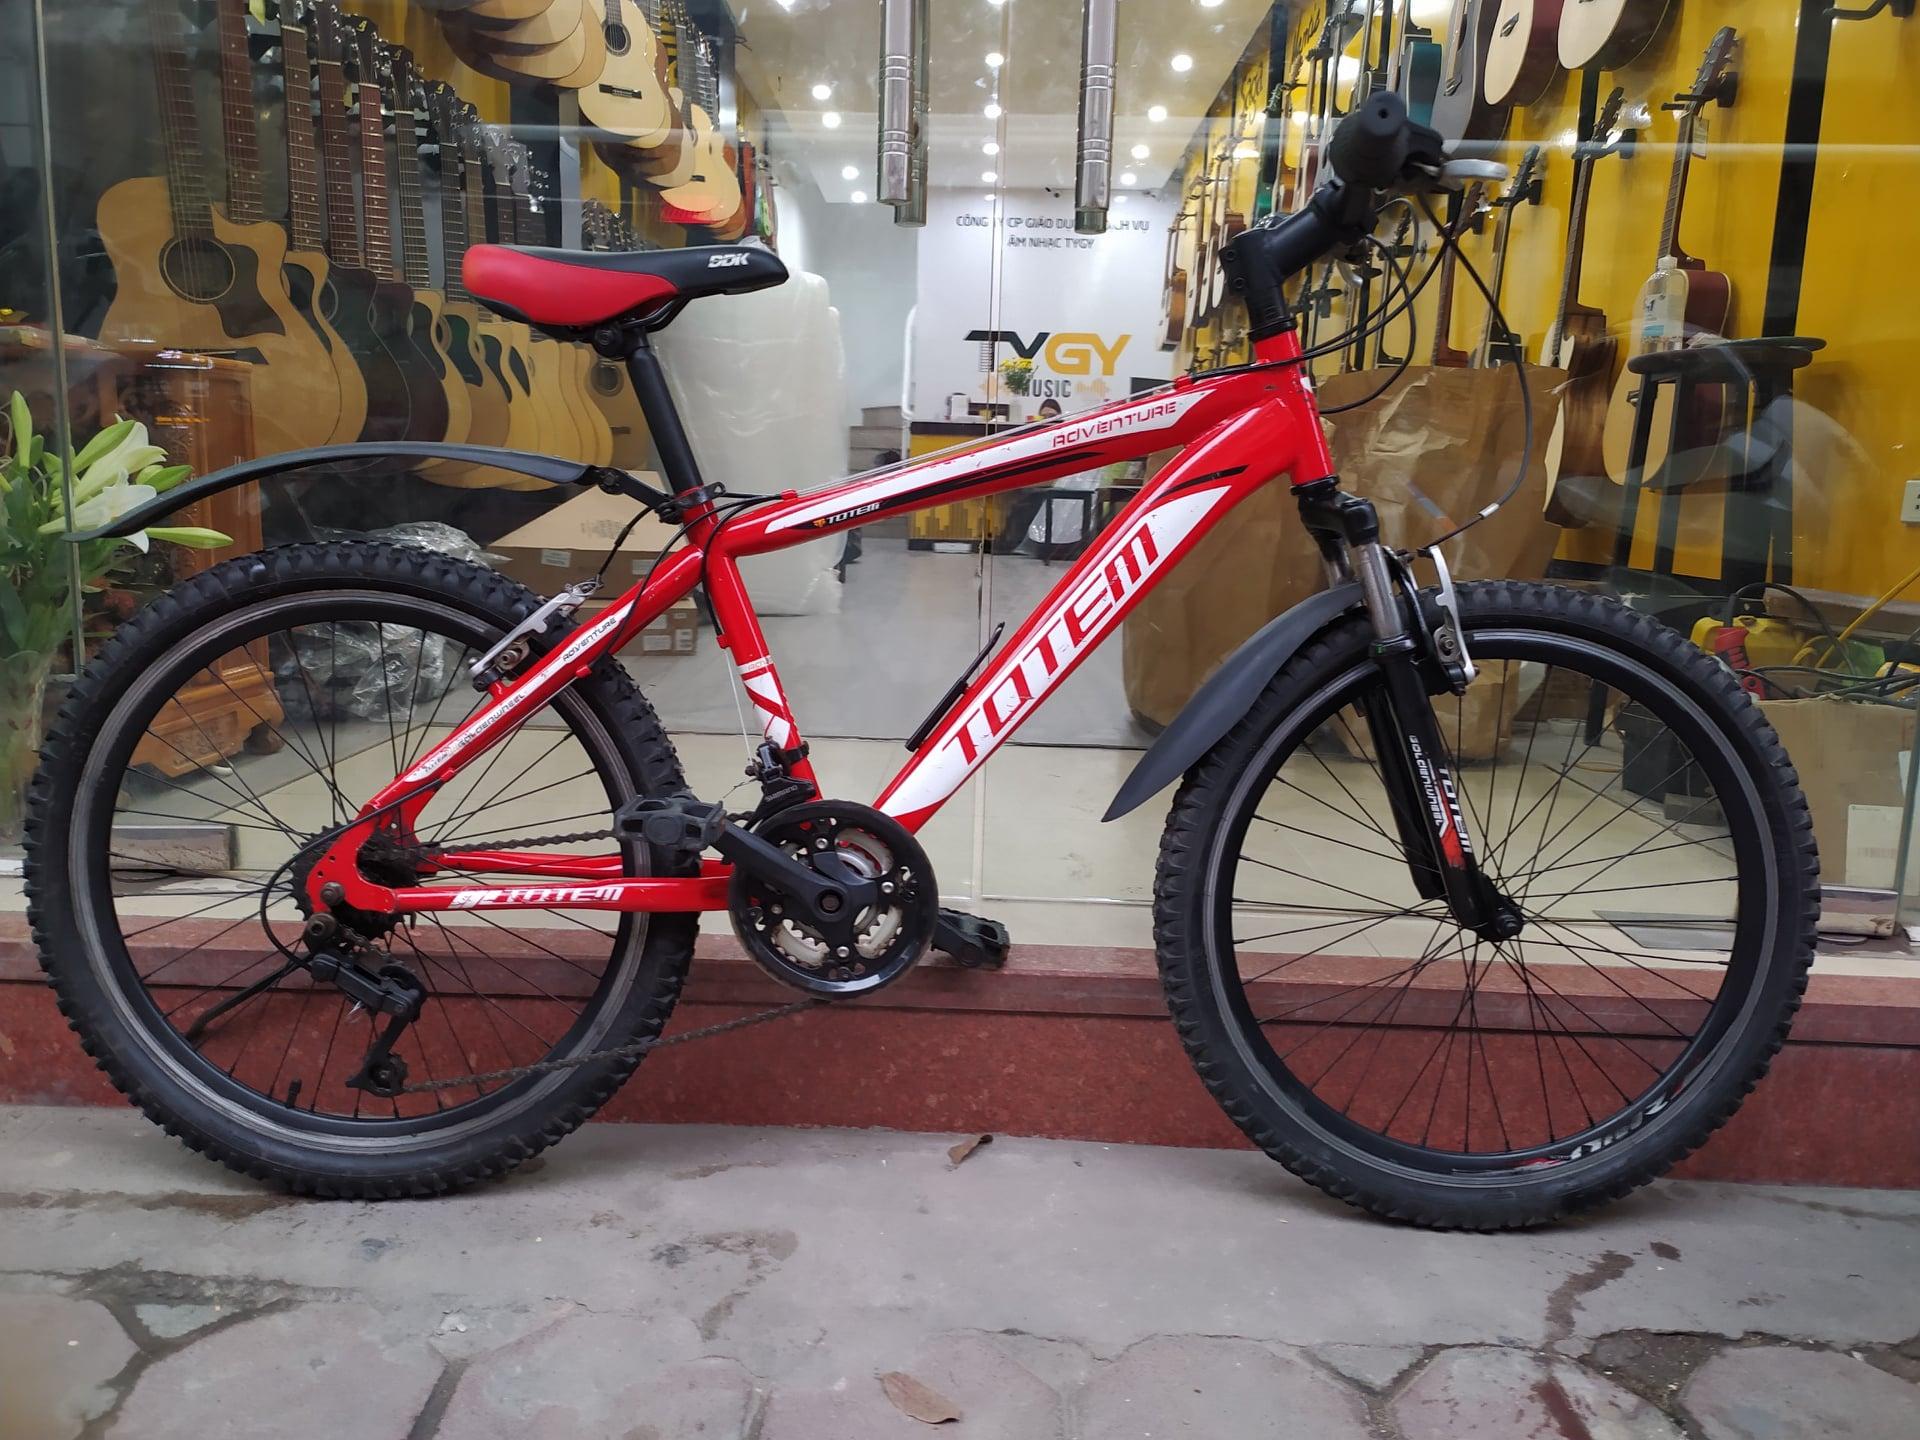 Xe đạp totem giá rẻ chất lượng tốt